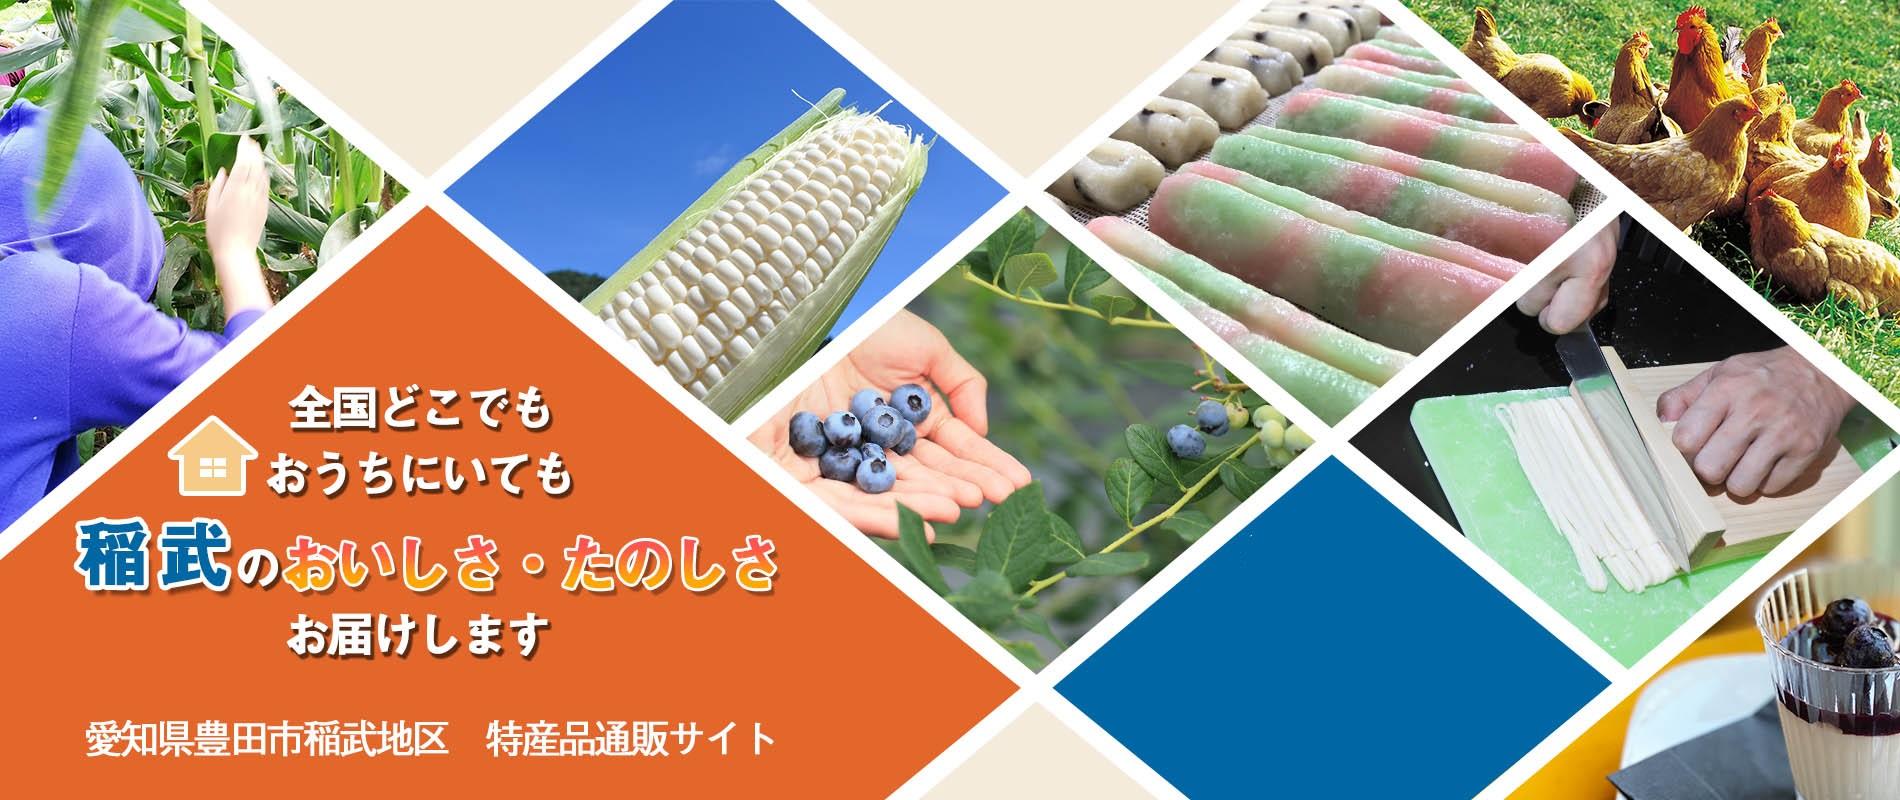 全国どこでも おうちにいても 稲武のおいしさ・たのしさ お届けします 愛知県豊田市稲武地区 特産品通販サイト